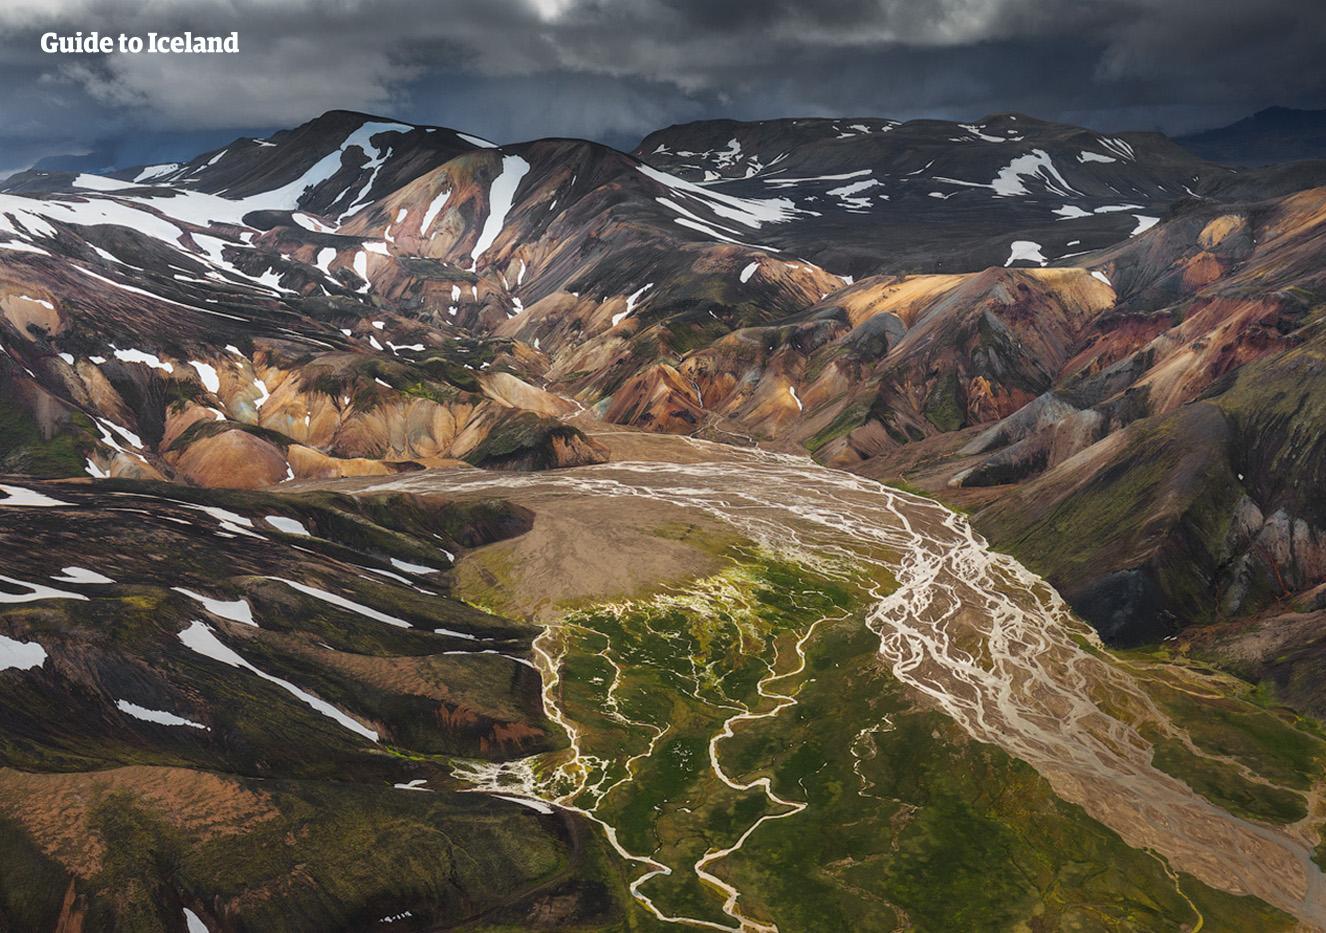 用飞鸟的角度俯瞰冰岛中央内陆高地景色